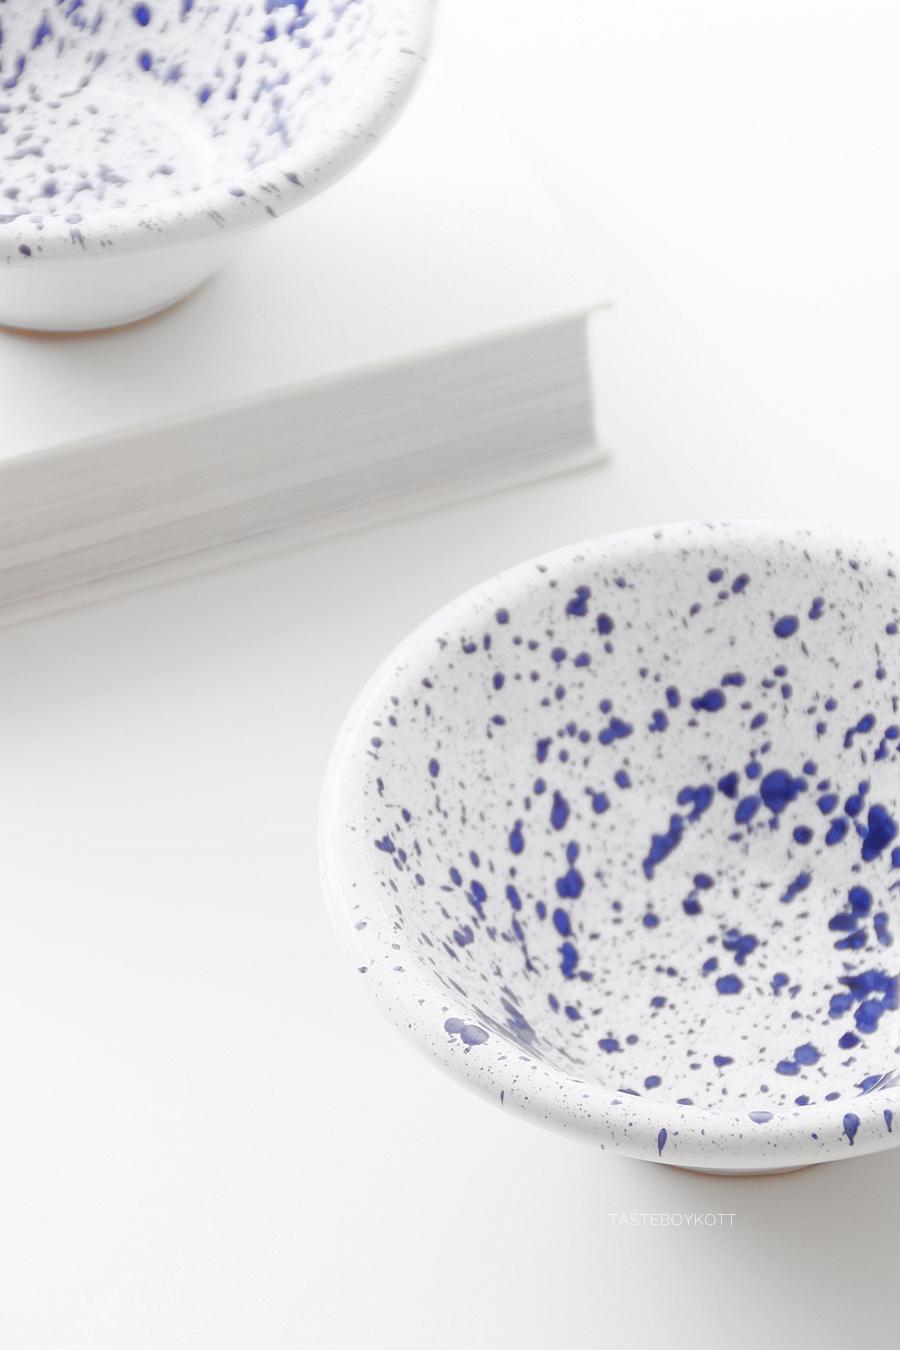 Blau weiße Schälchen aus Malta als dekoratives Souvenir. Tasteboykott Blog.